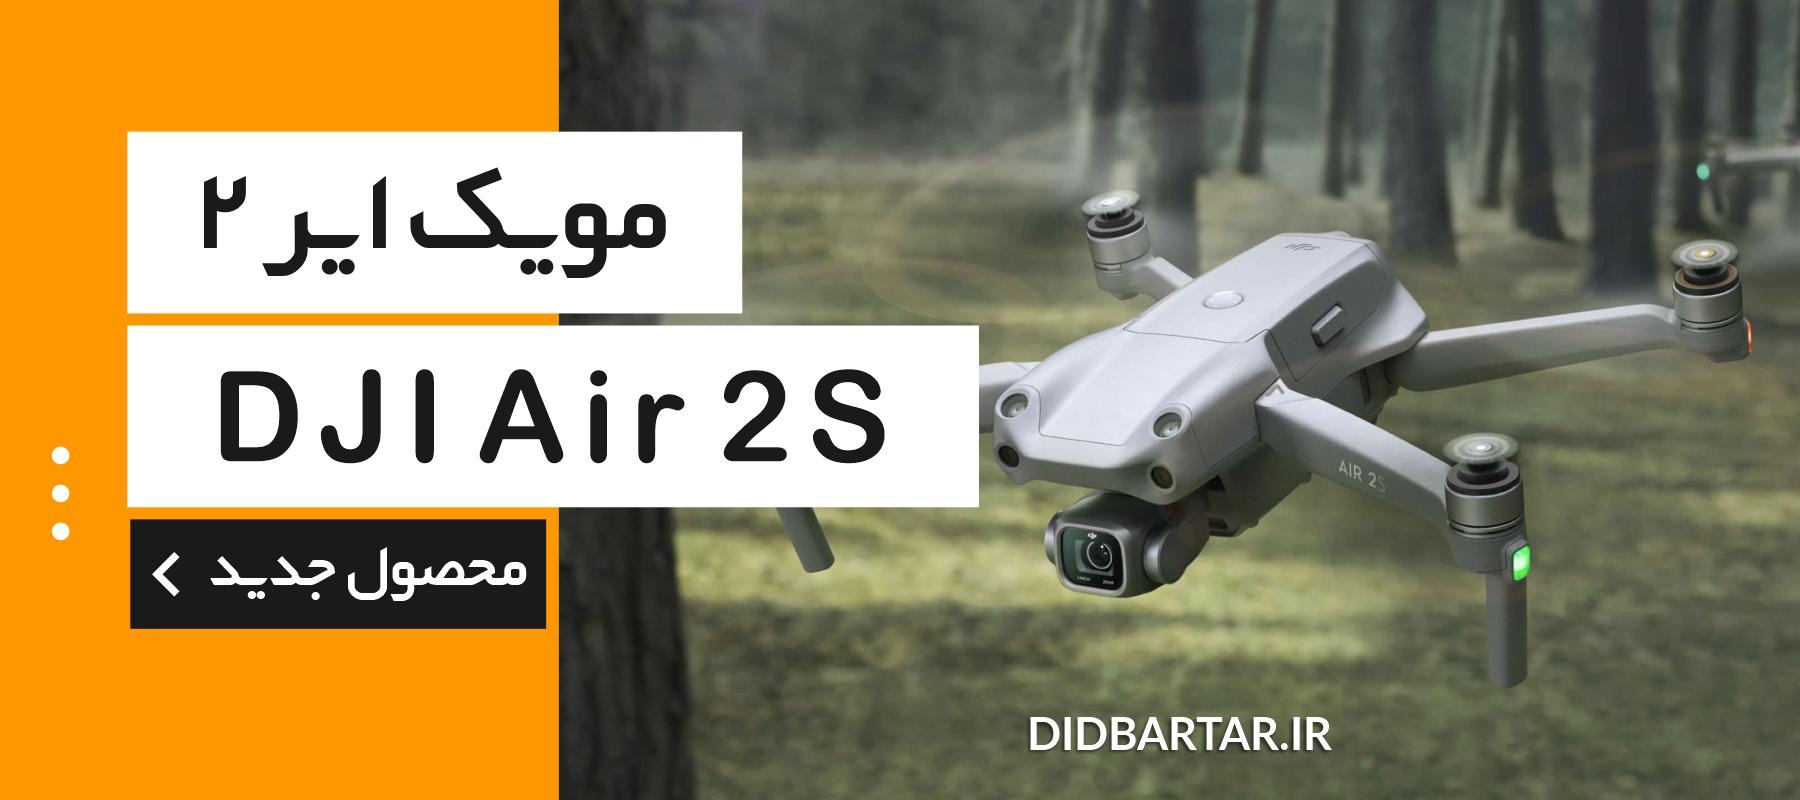 پهپاد مویک ایر ۲ اس کمبو DJI Air 2S Fly More Combo Drone